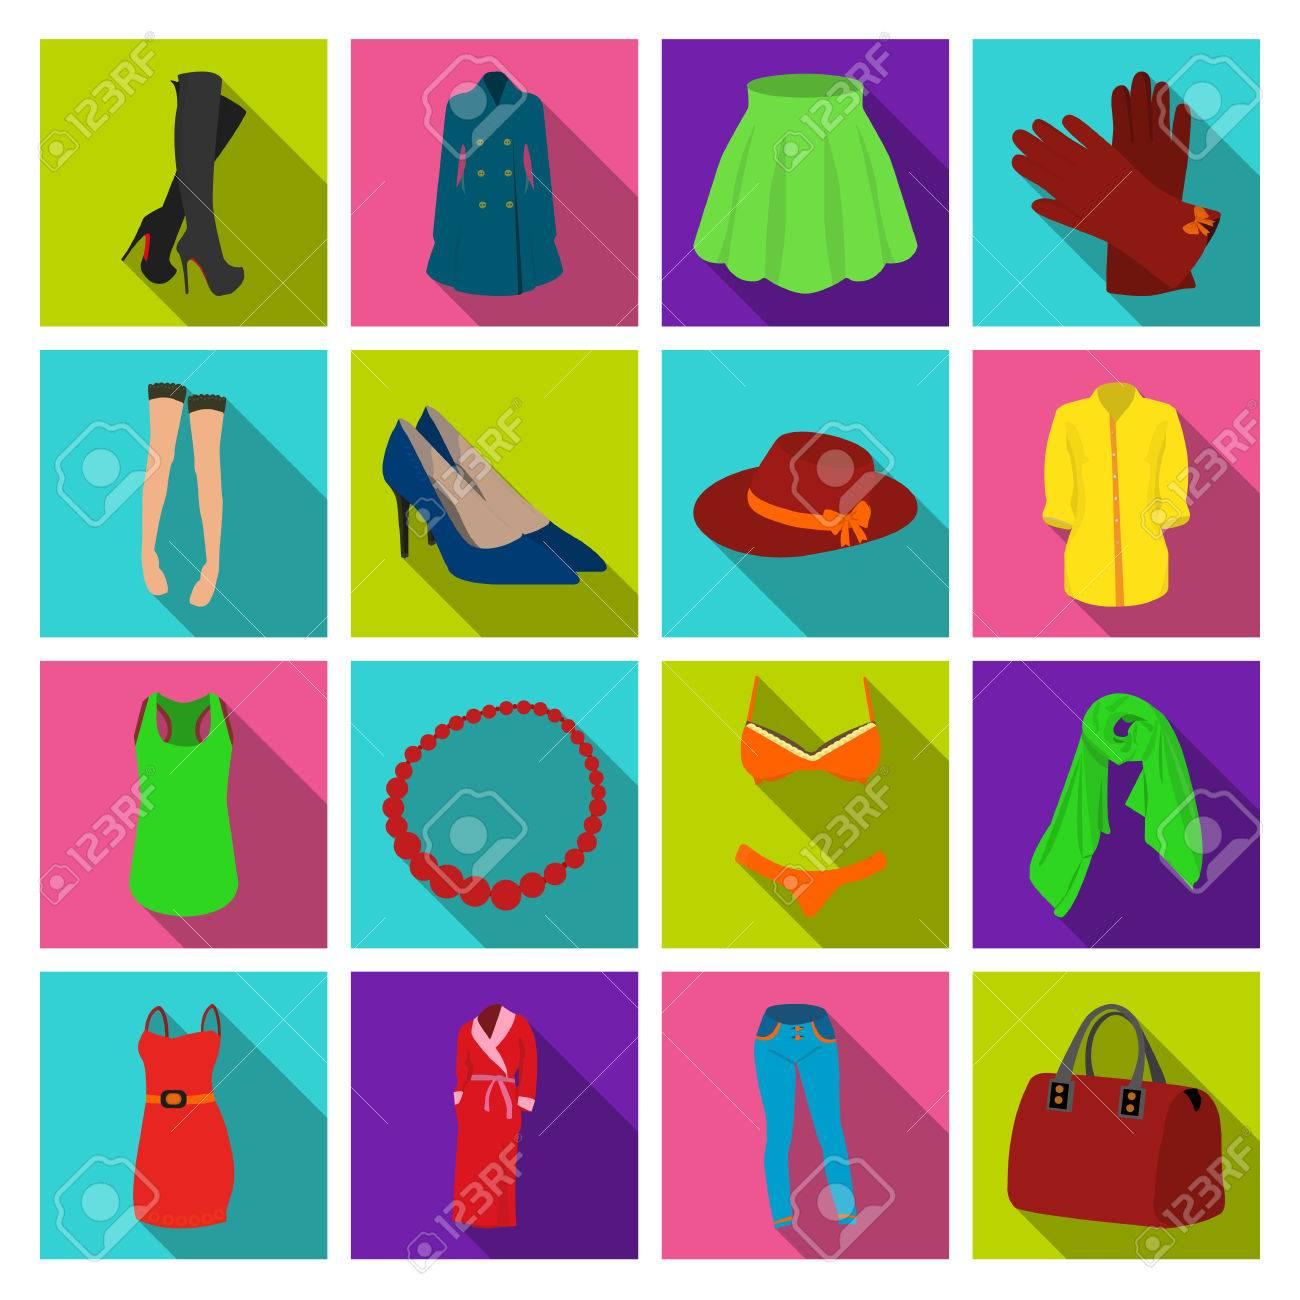 1594431538f Colección de ropa de mujer iconos de colección en estilo vectorial símbolo  plano stock photography web.